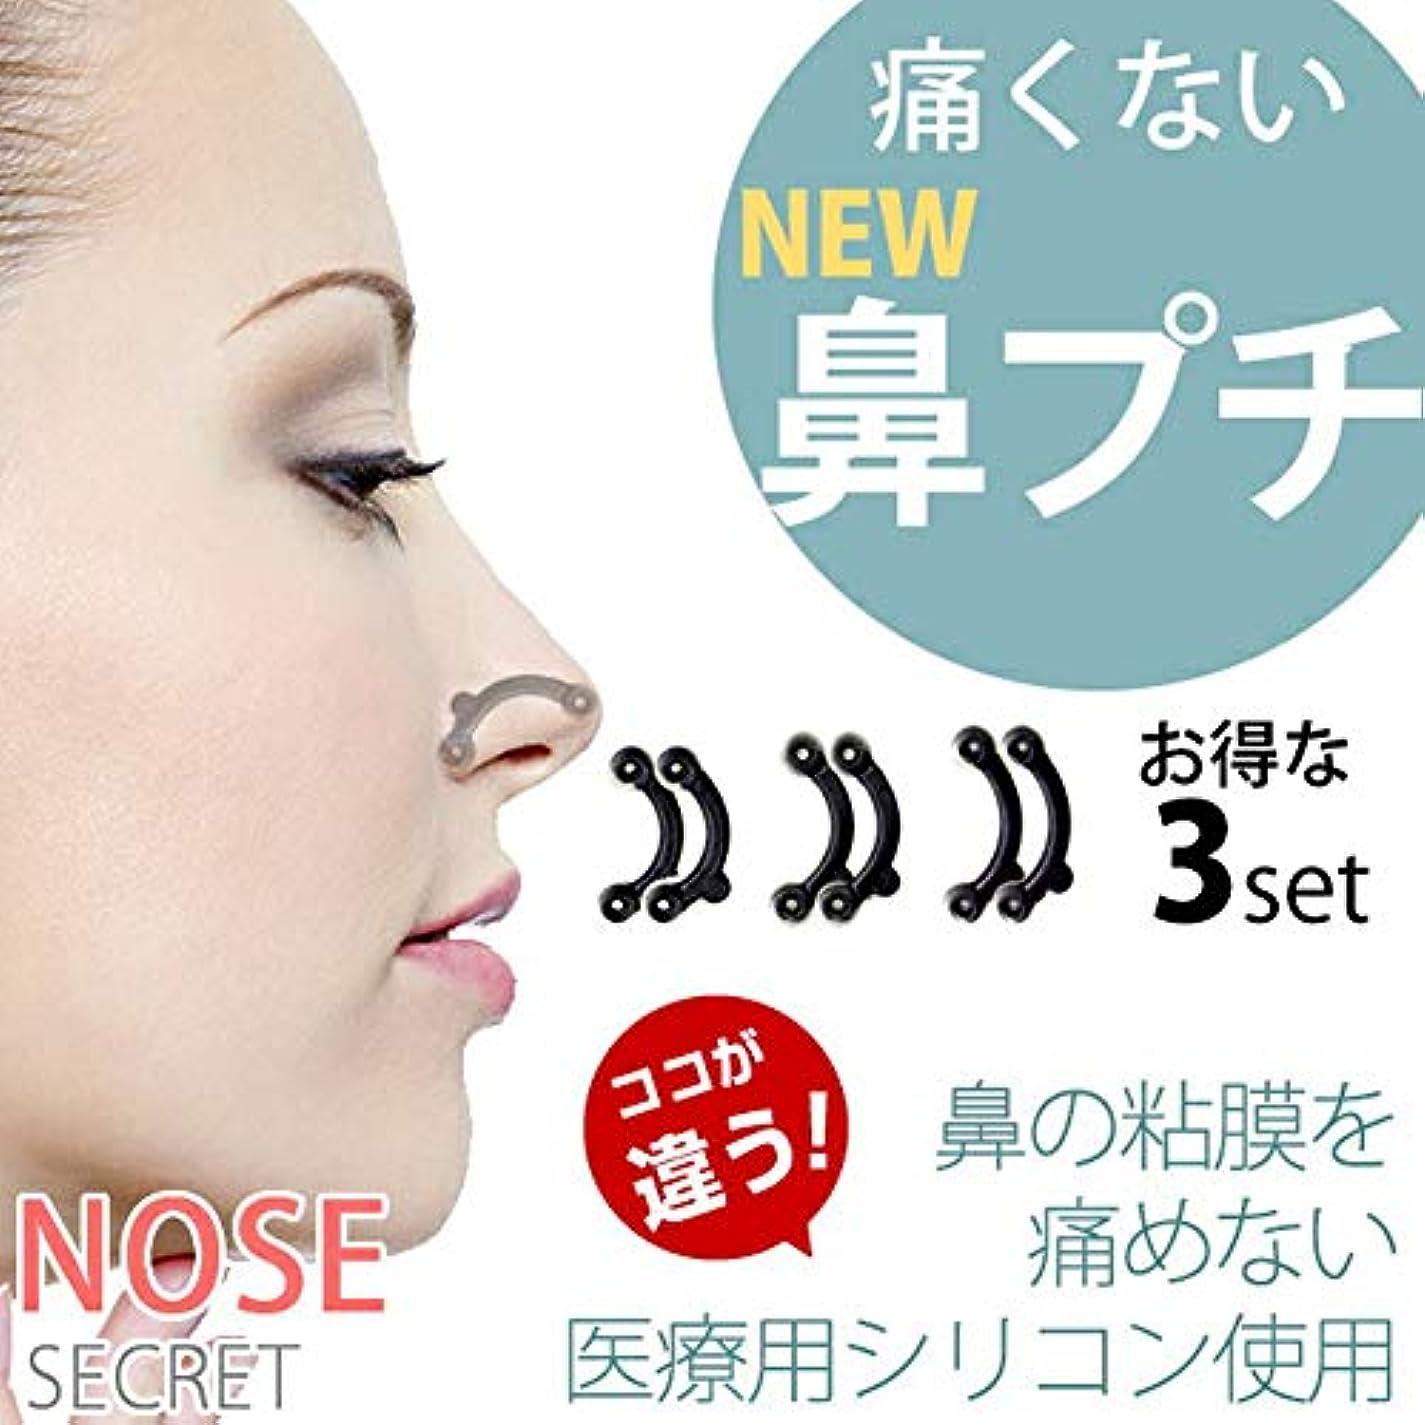 くしゃみカートリッジ倉庫鼻プチ 柔軟性高く Viconaビューティー正規品 ハナのアイプチ 矯正プチ 整形せず 23mm/24.5mm/26mm全3サイズセット